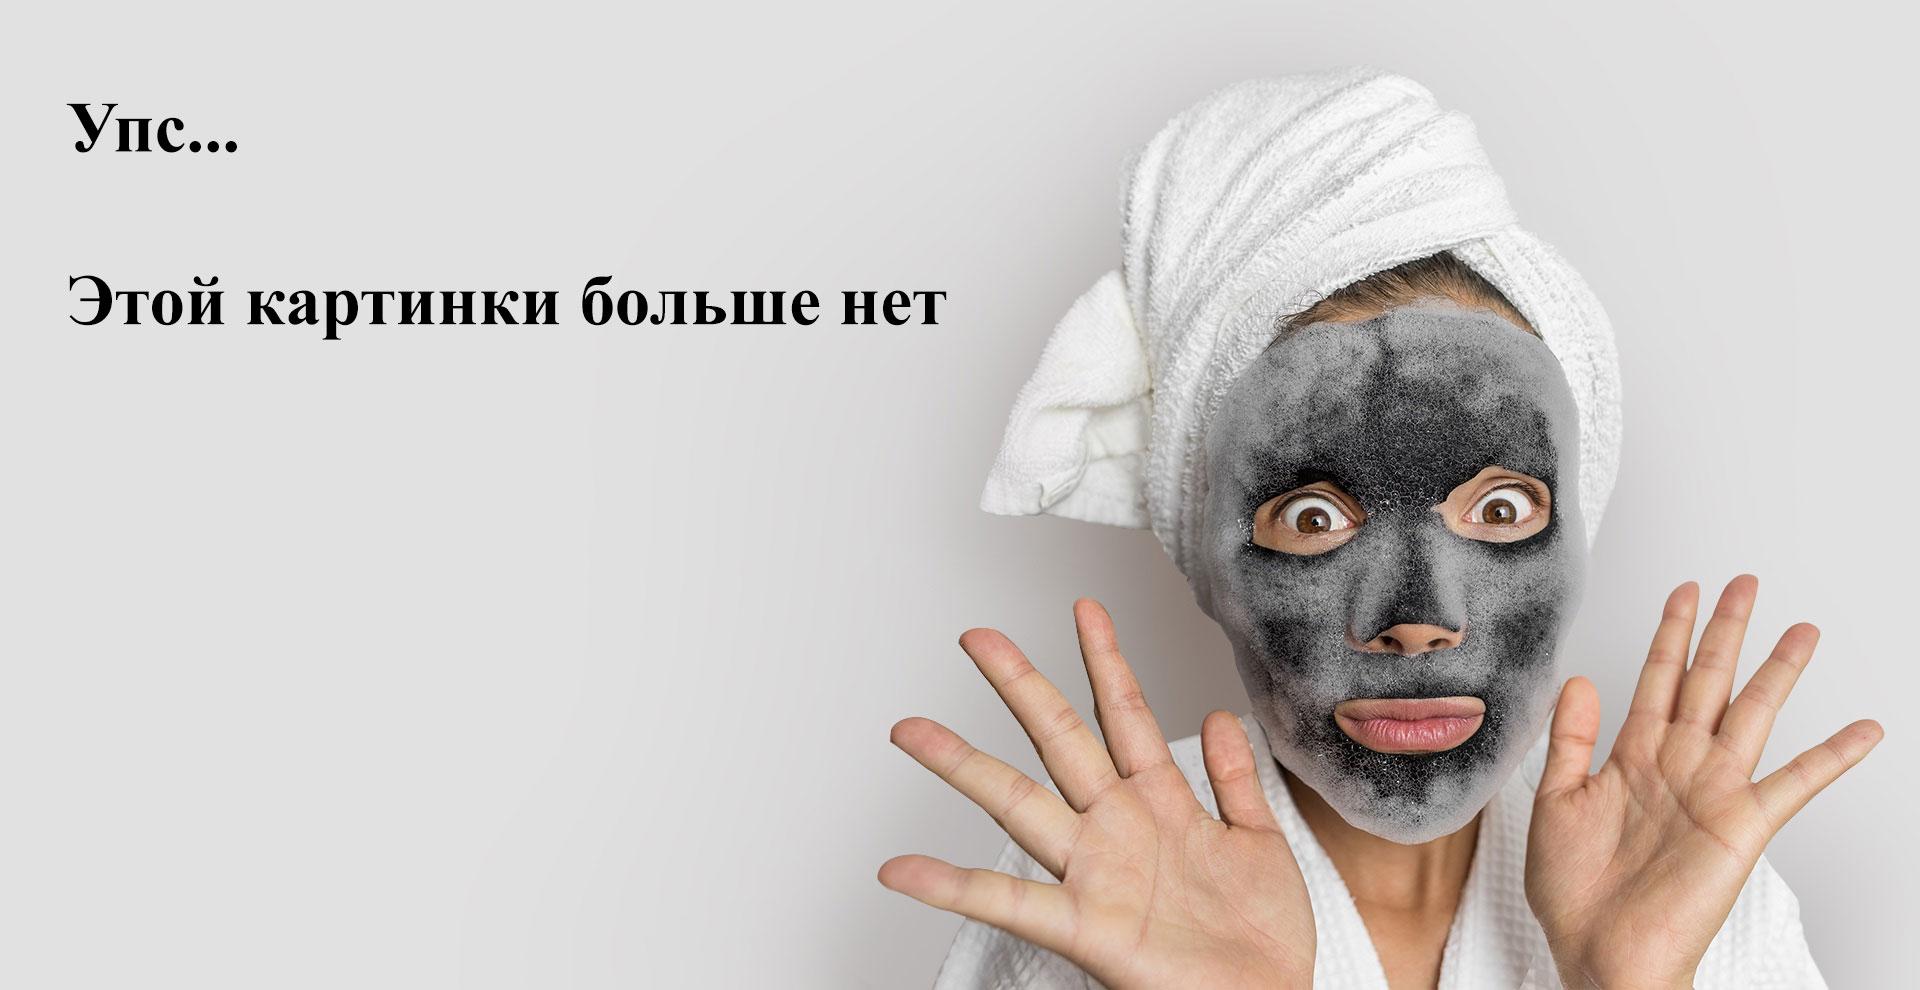 Italwax, Воск горячий (пленочный) Слива, гранулы, 250 г